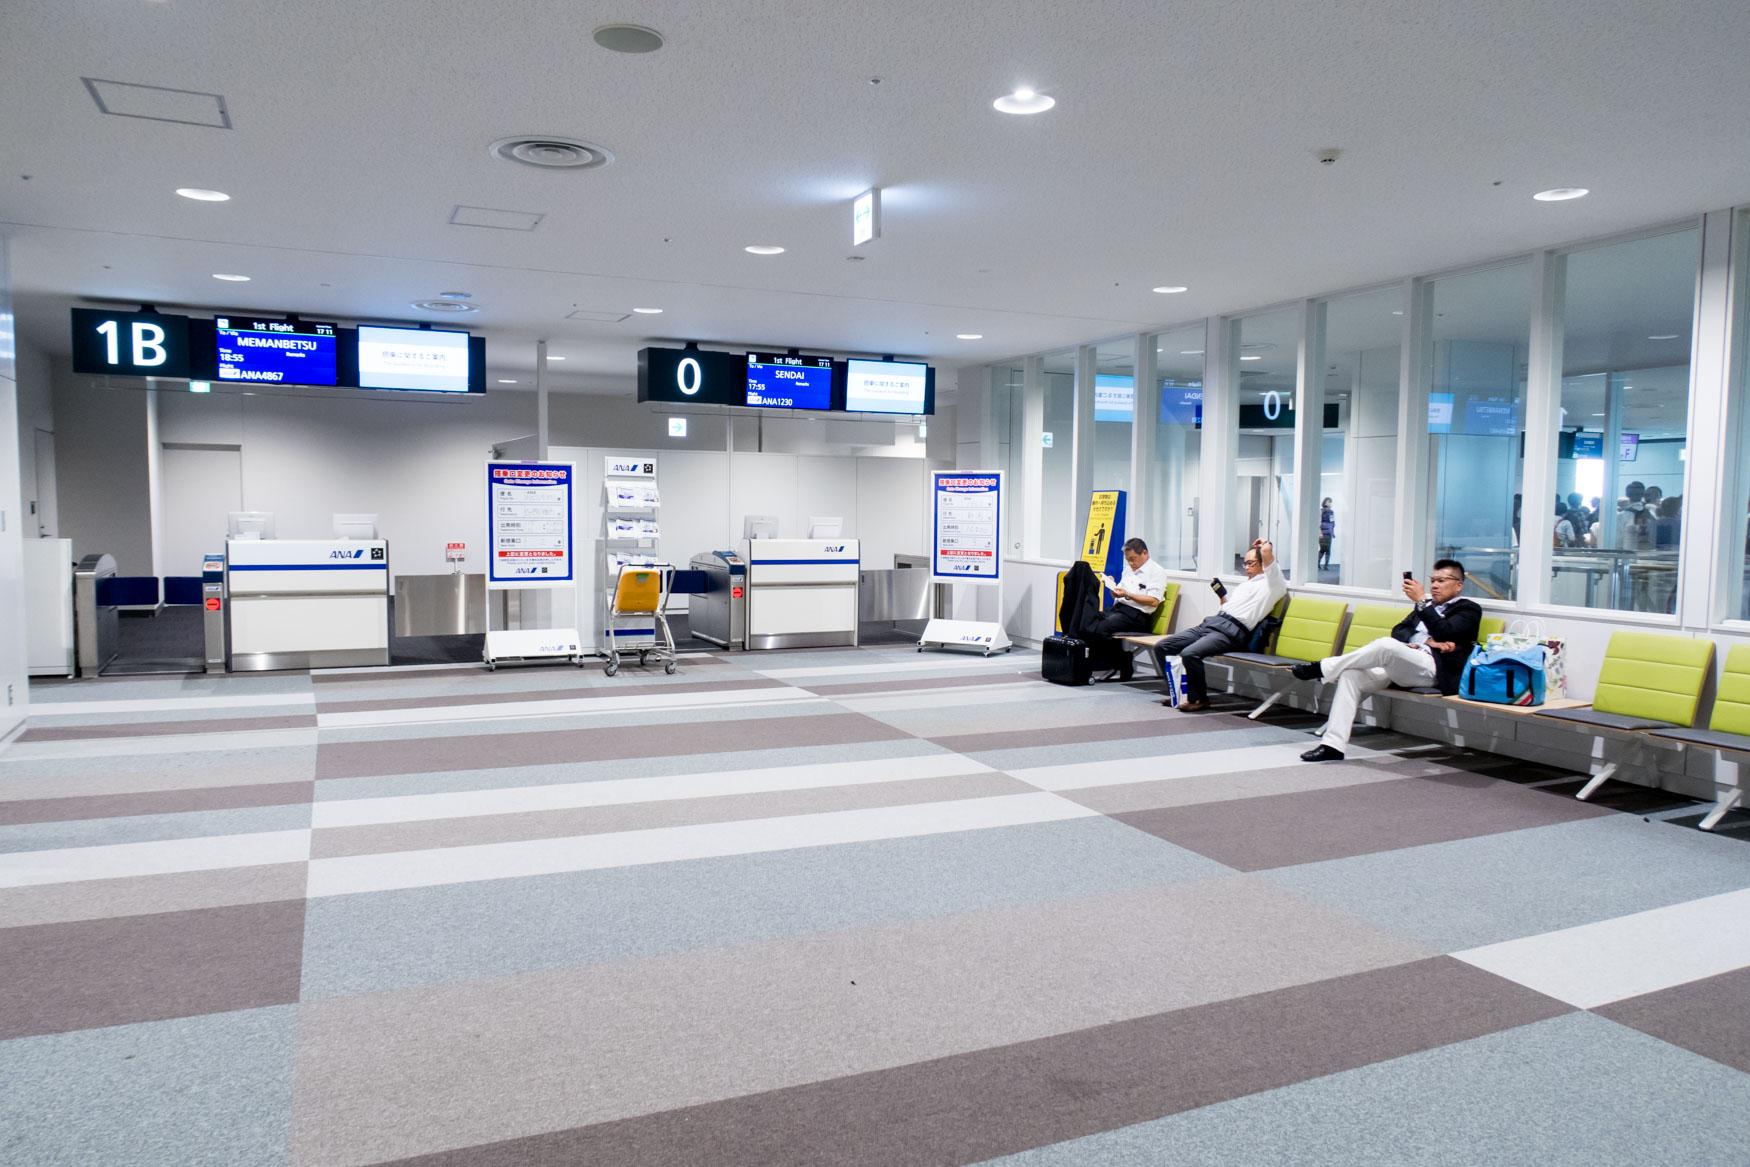 Sapporo Gate 0 Area